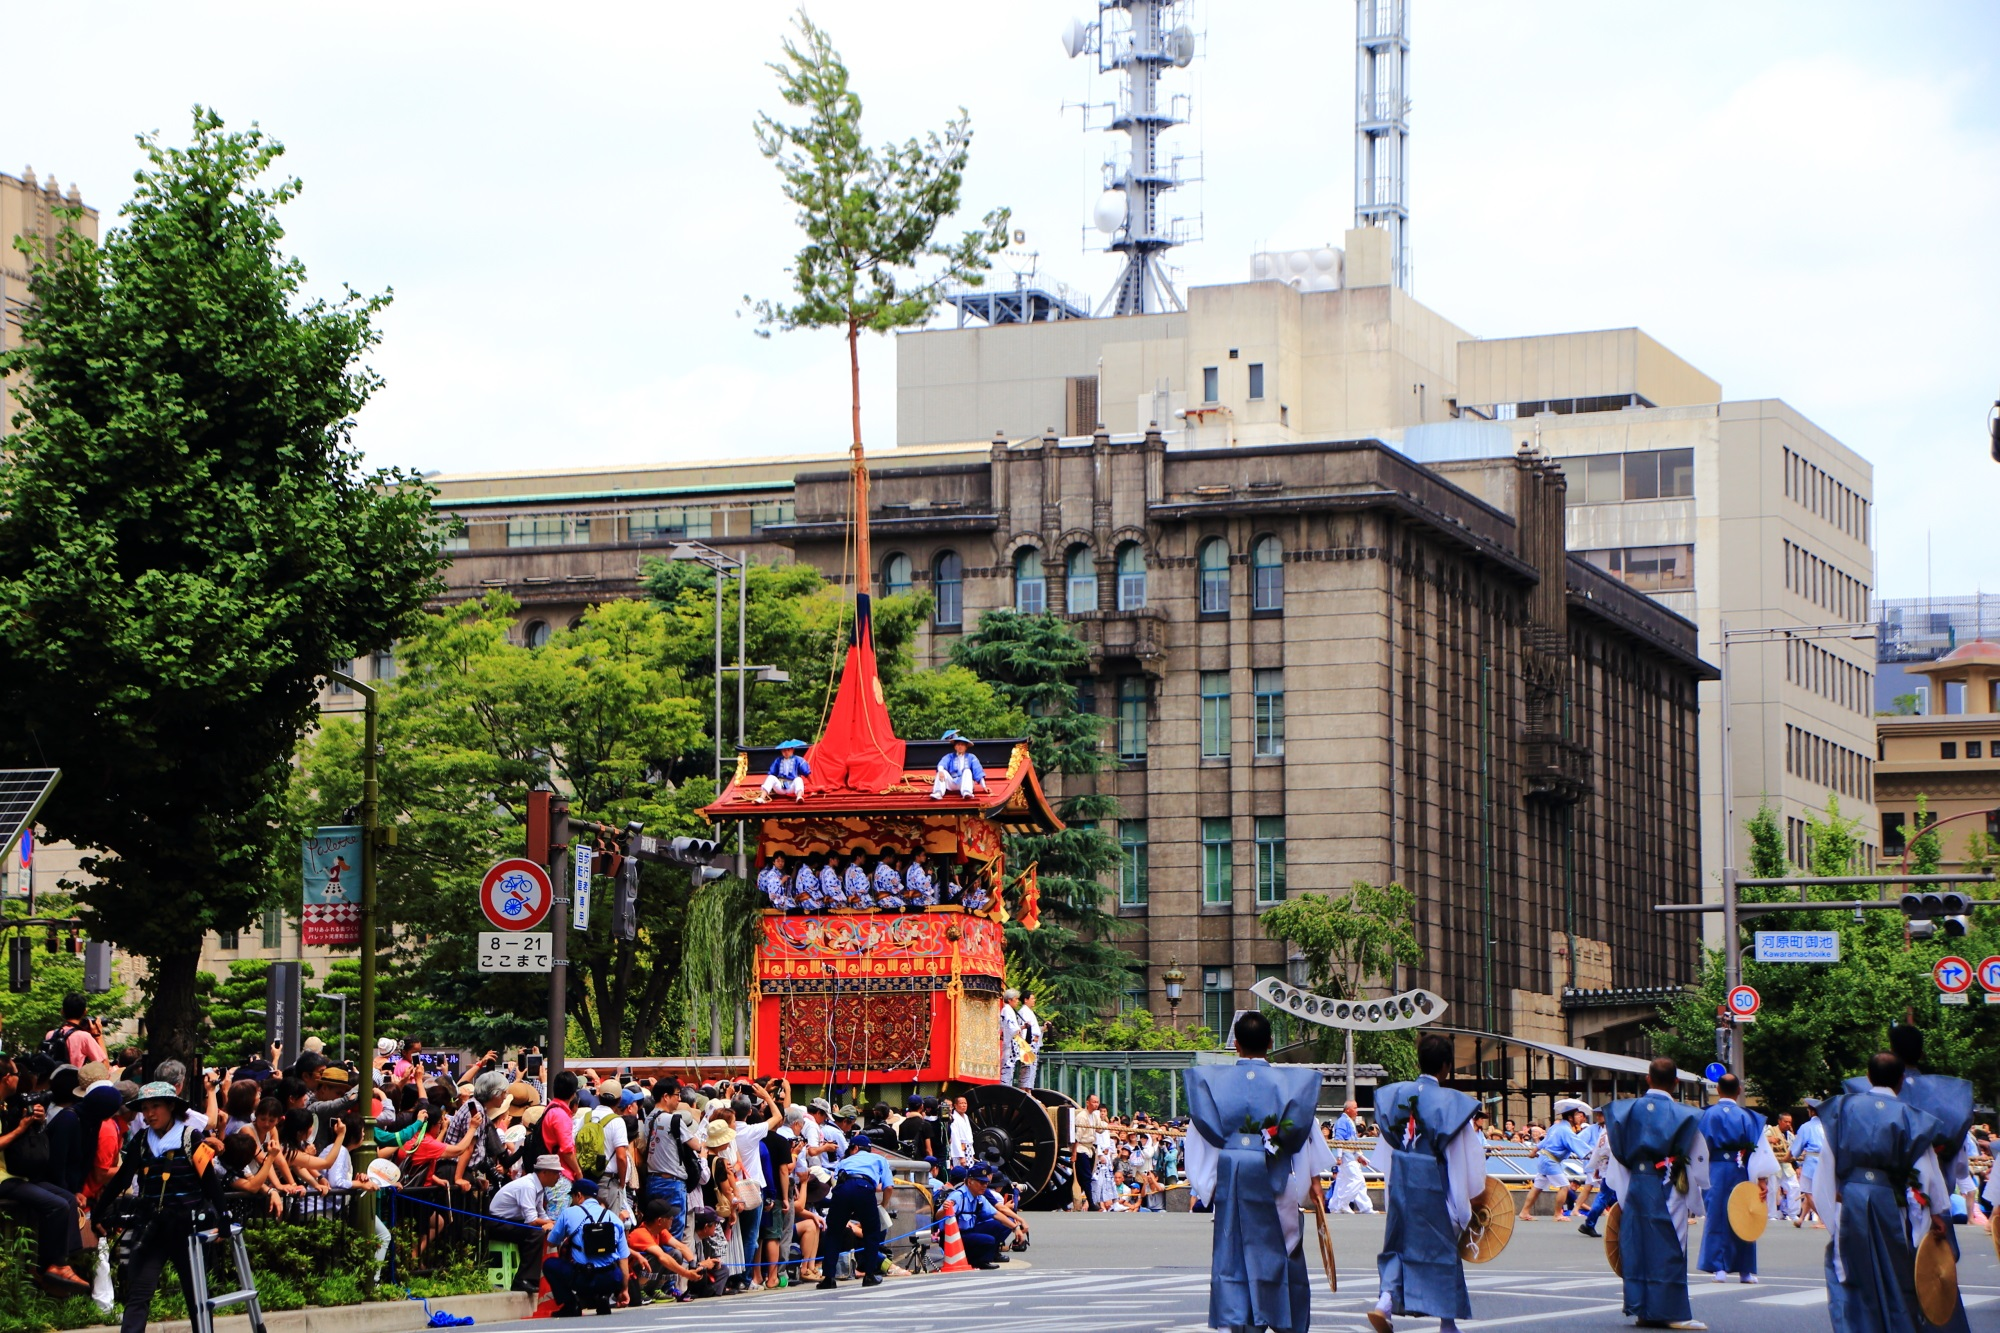 南観音山 山鉾巡行 祇園祭 後祭